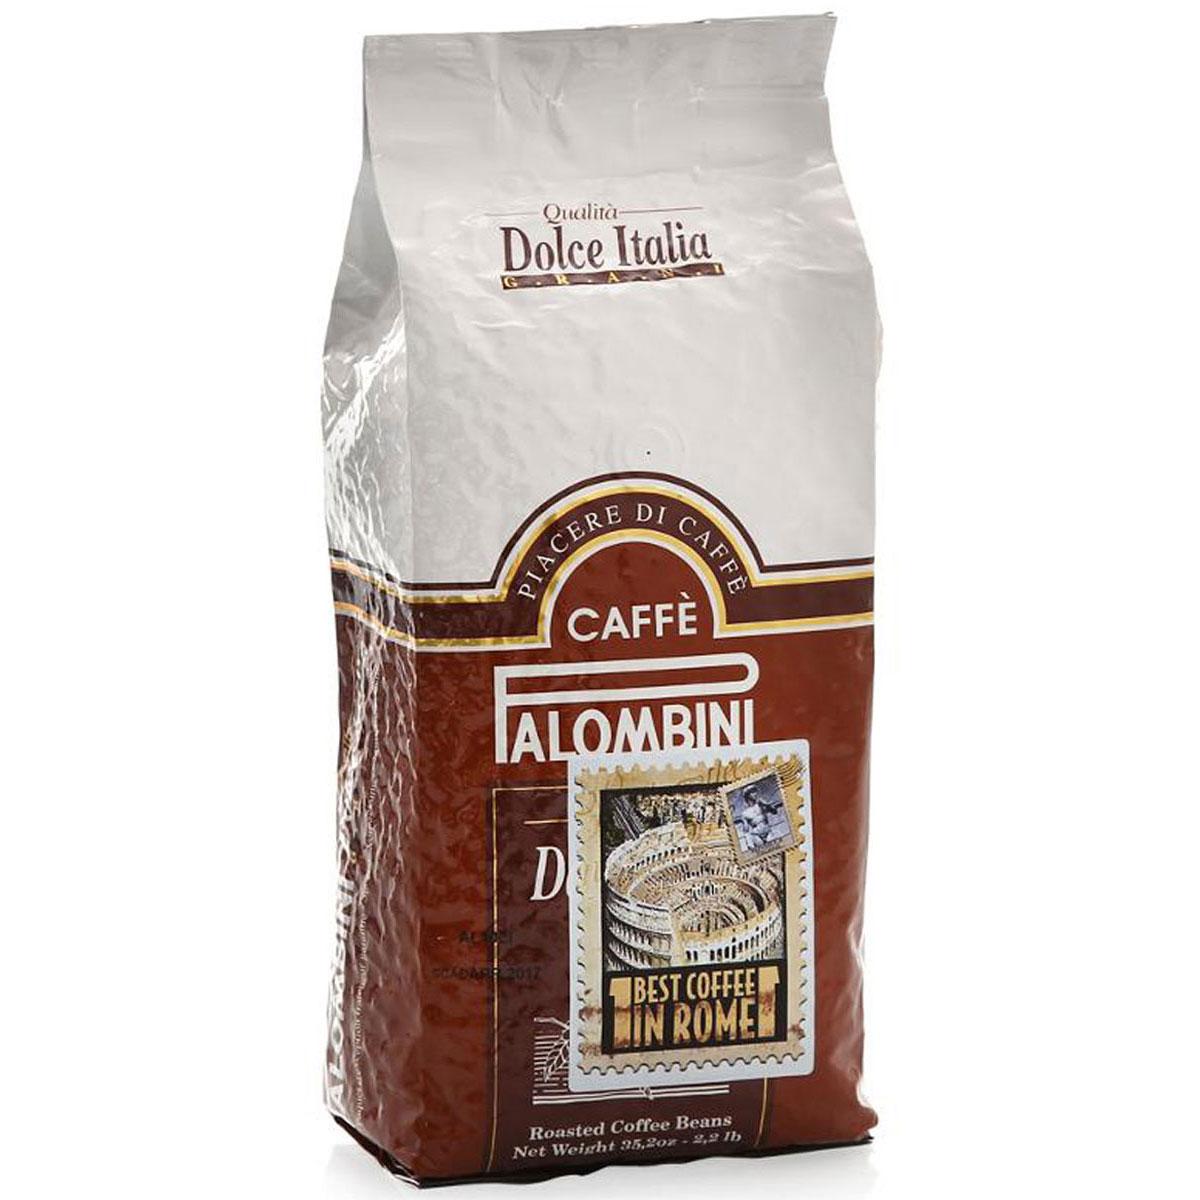 Palombini Dolce Italia кофе в зернах, 1 кг8009785301823Натуральный жареный кофе в зернах Palombini Dolce Italia, высшего сорта. Избранный знатоками вид кофейного многообразия. Идеальный вкус создан специально для влюбленных в кофе. Смесь содержит 95% арабики и 5% робусты.